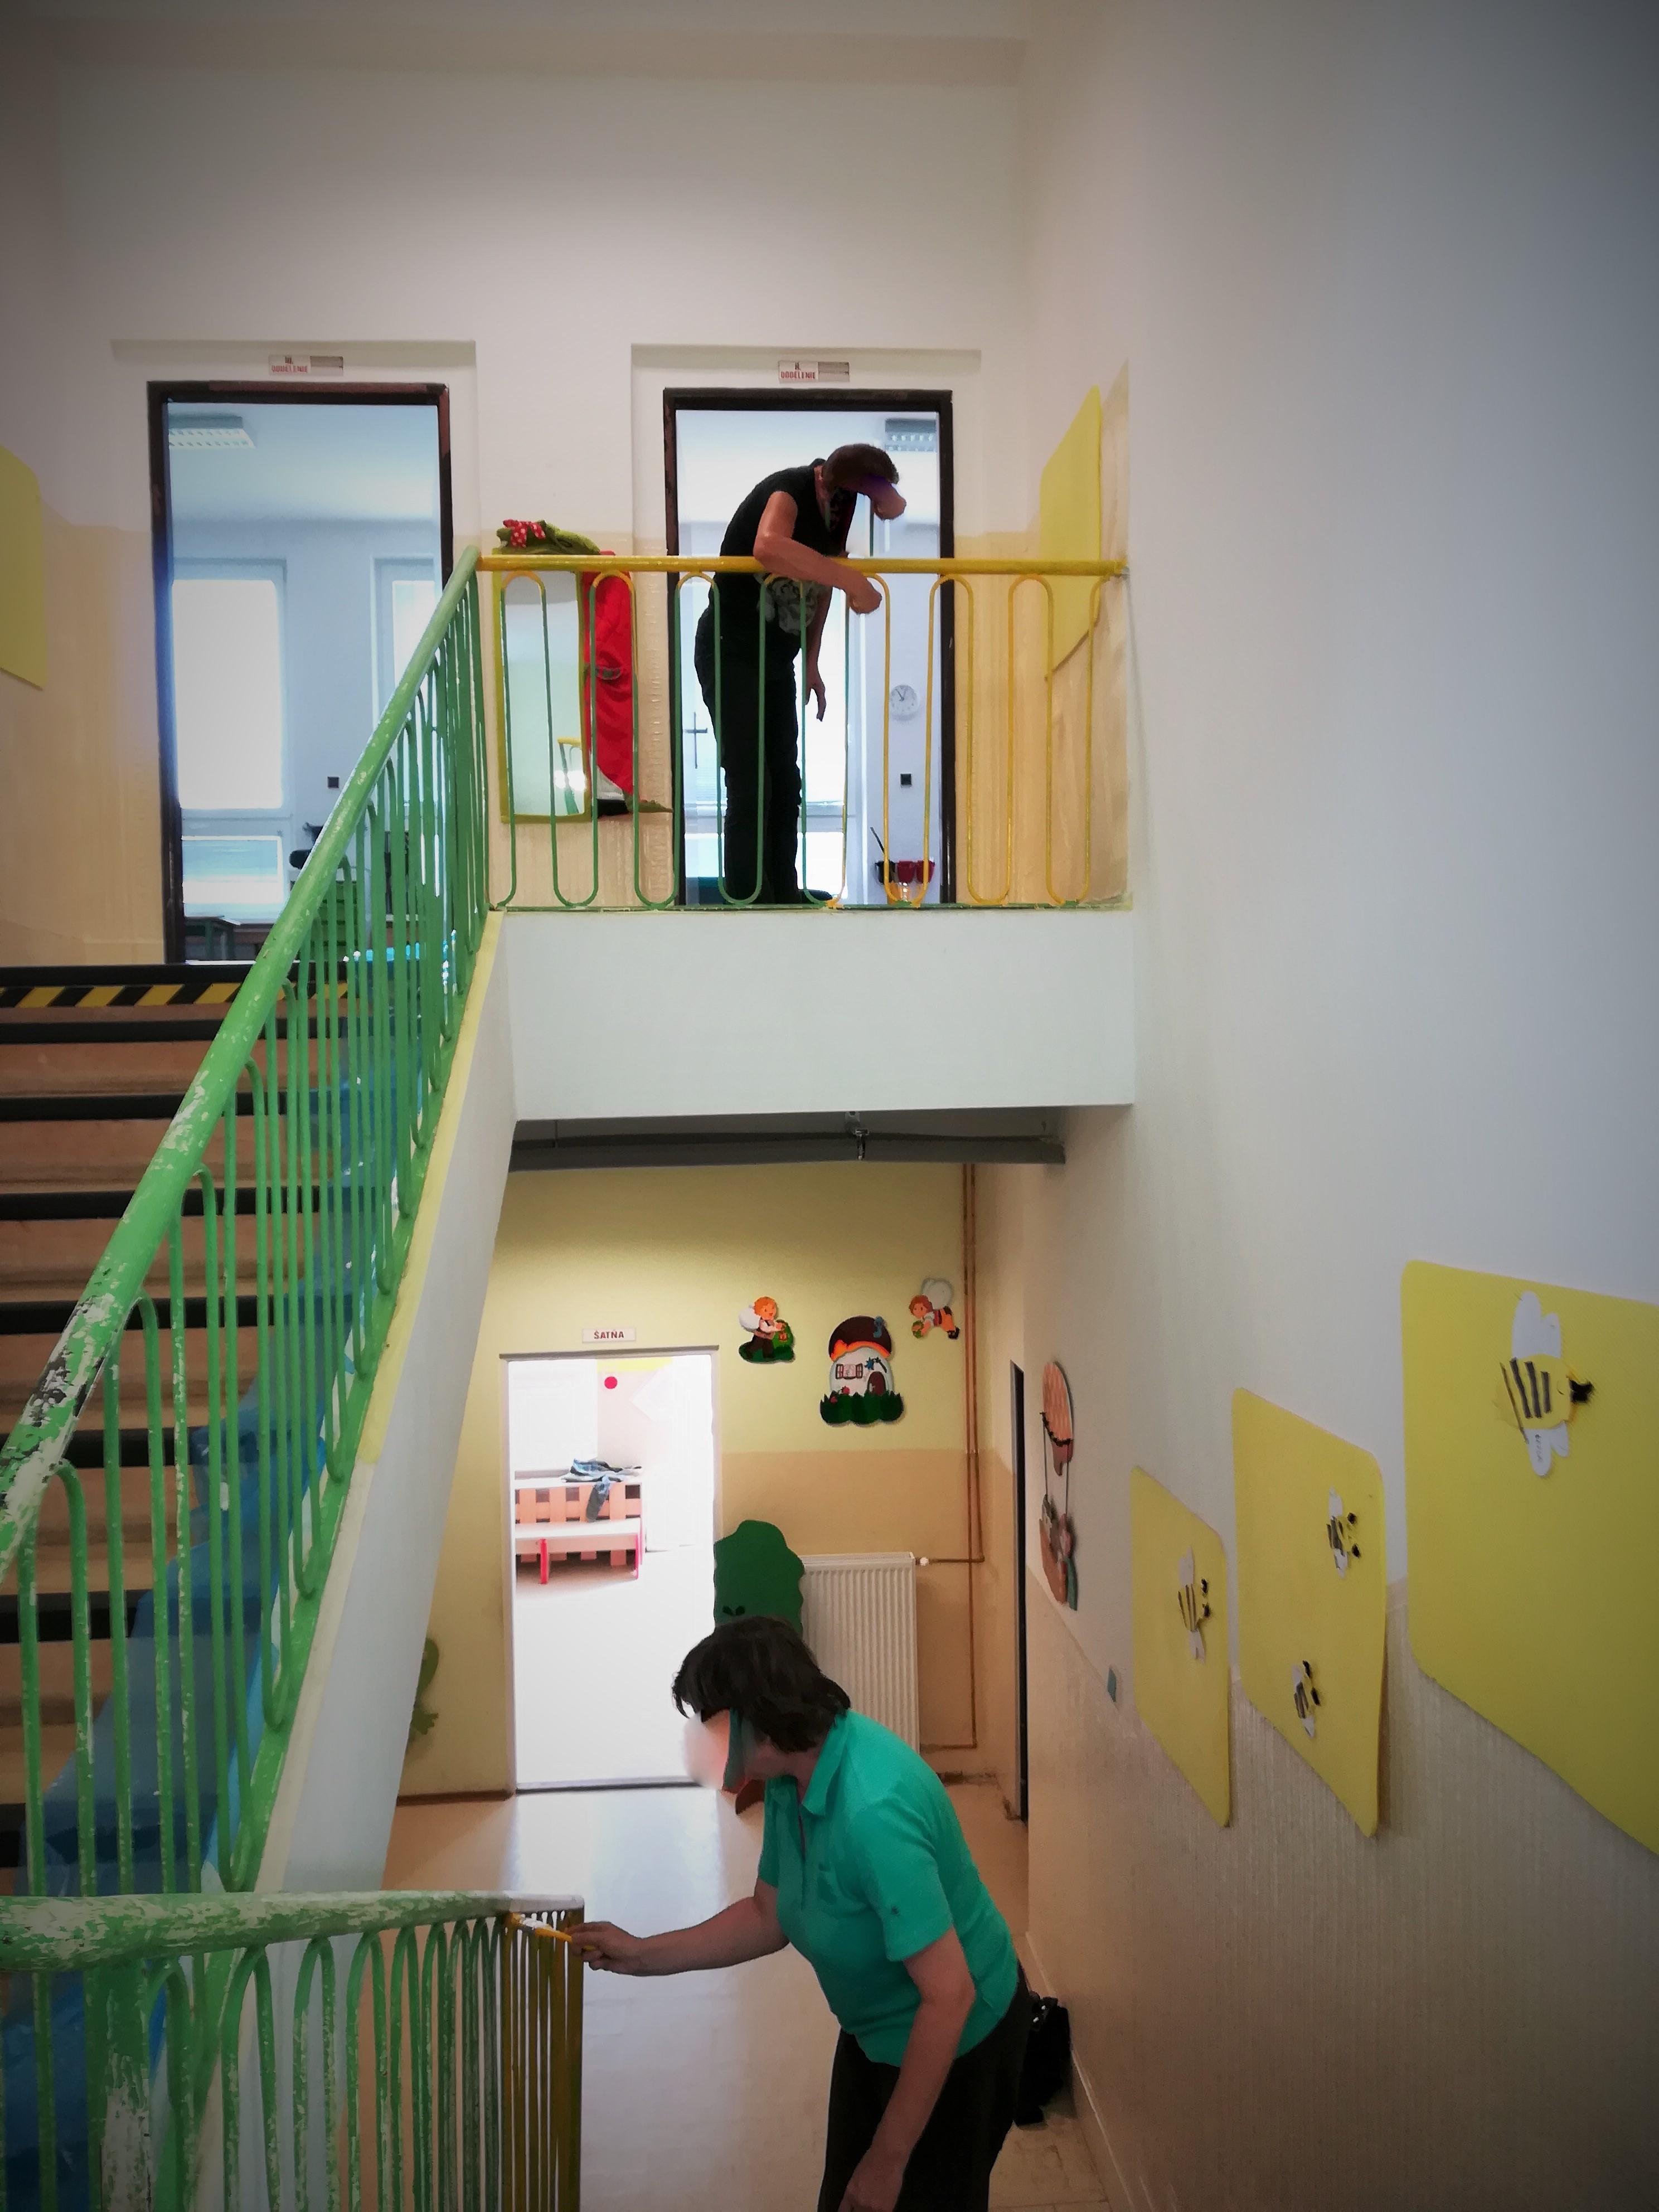 Vďaka ich práci a usilovnosti sa podarilo deťom vymaľovať škôlku.